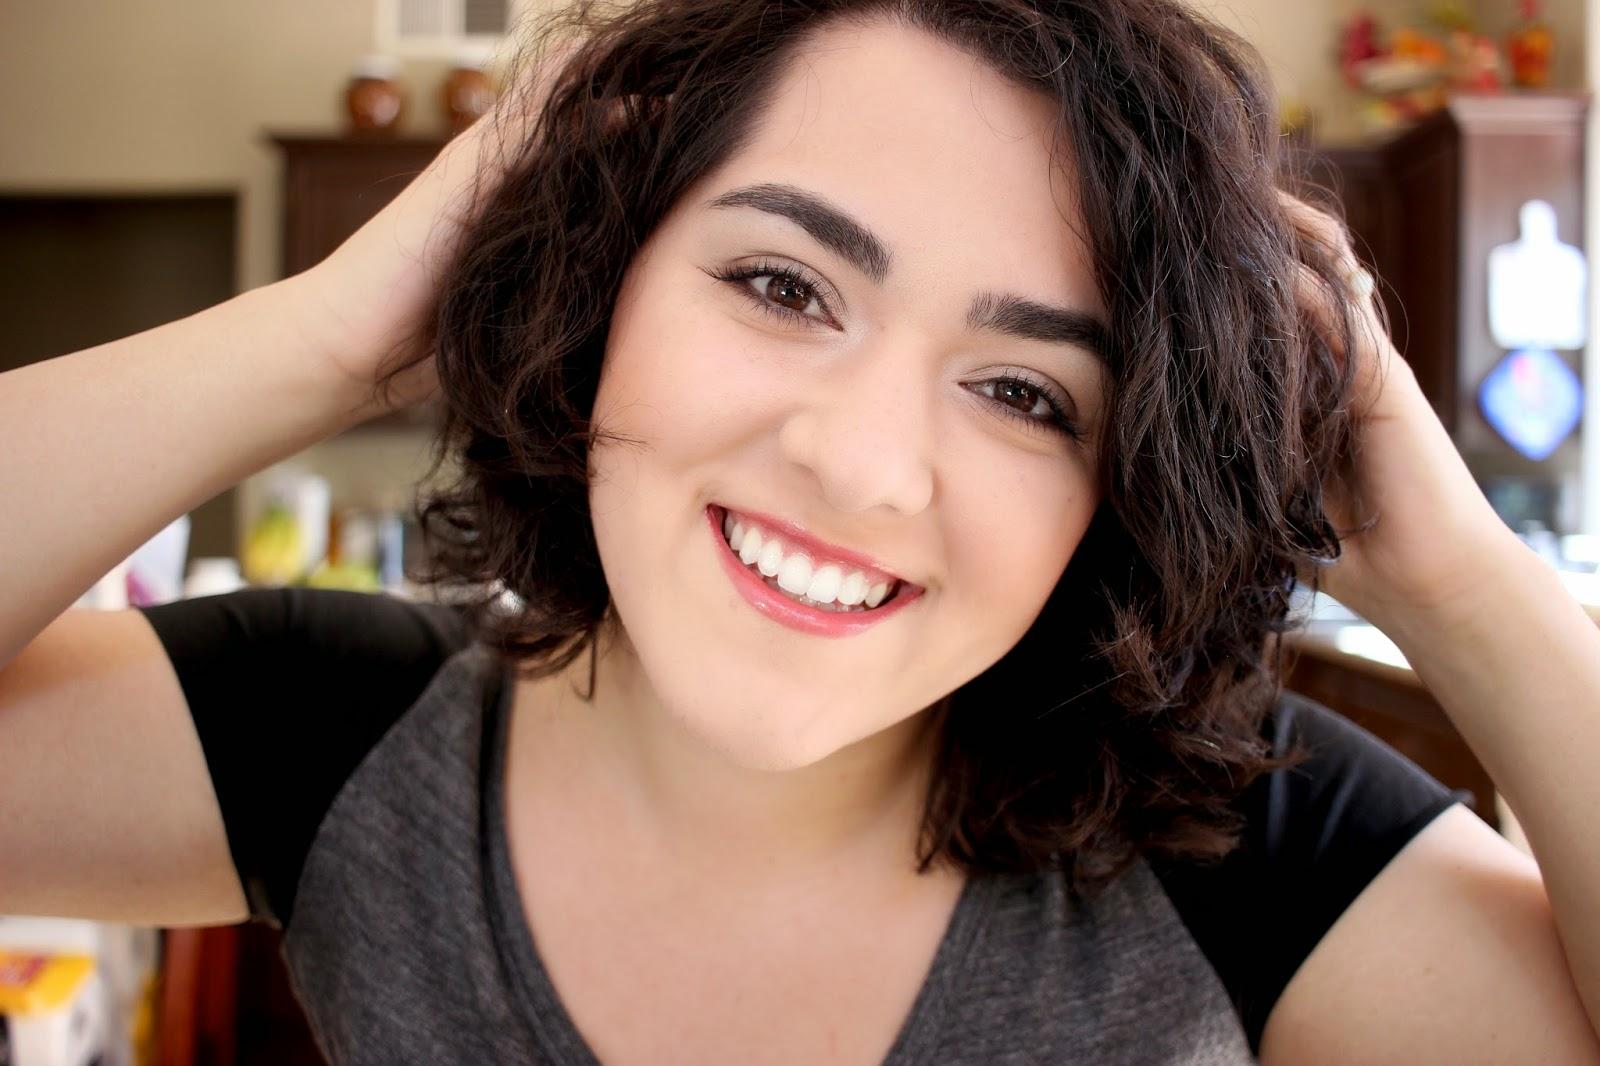 Crecimiento del cabello corto- La Conclusión